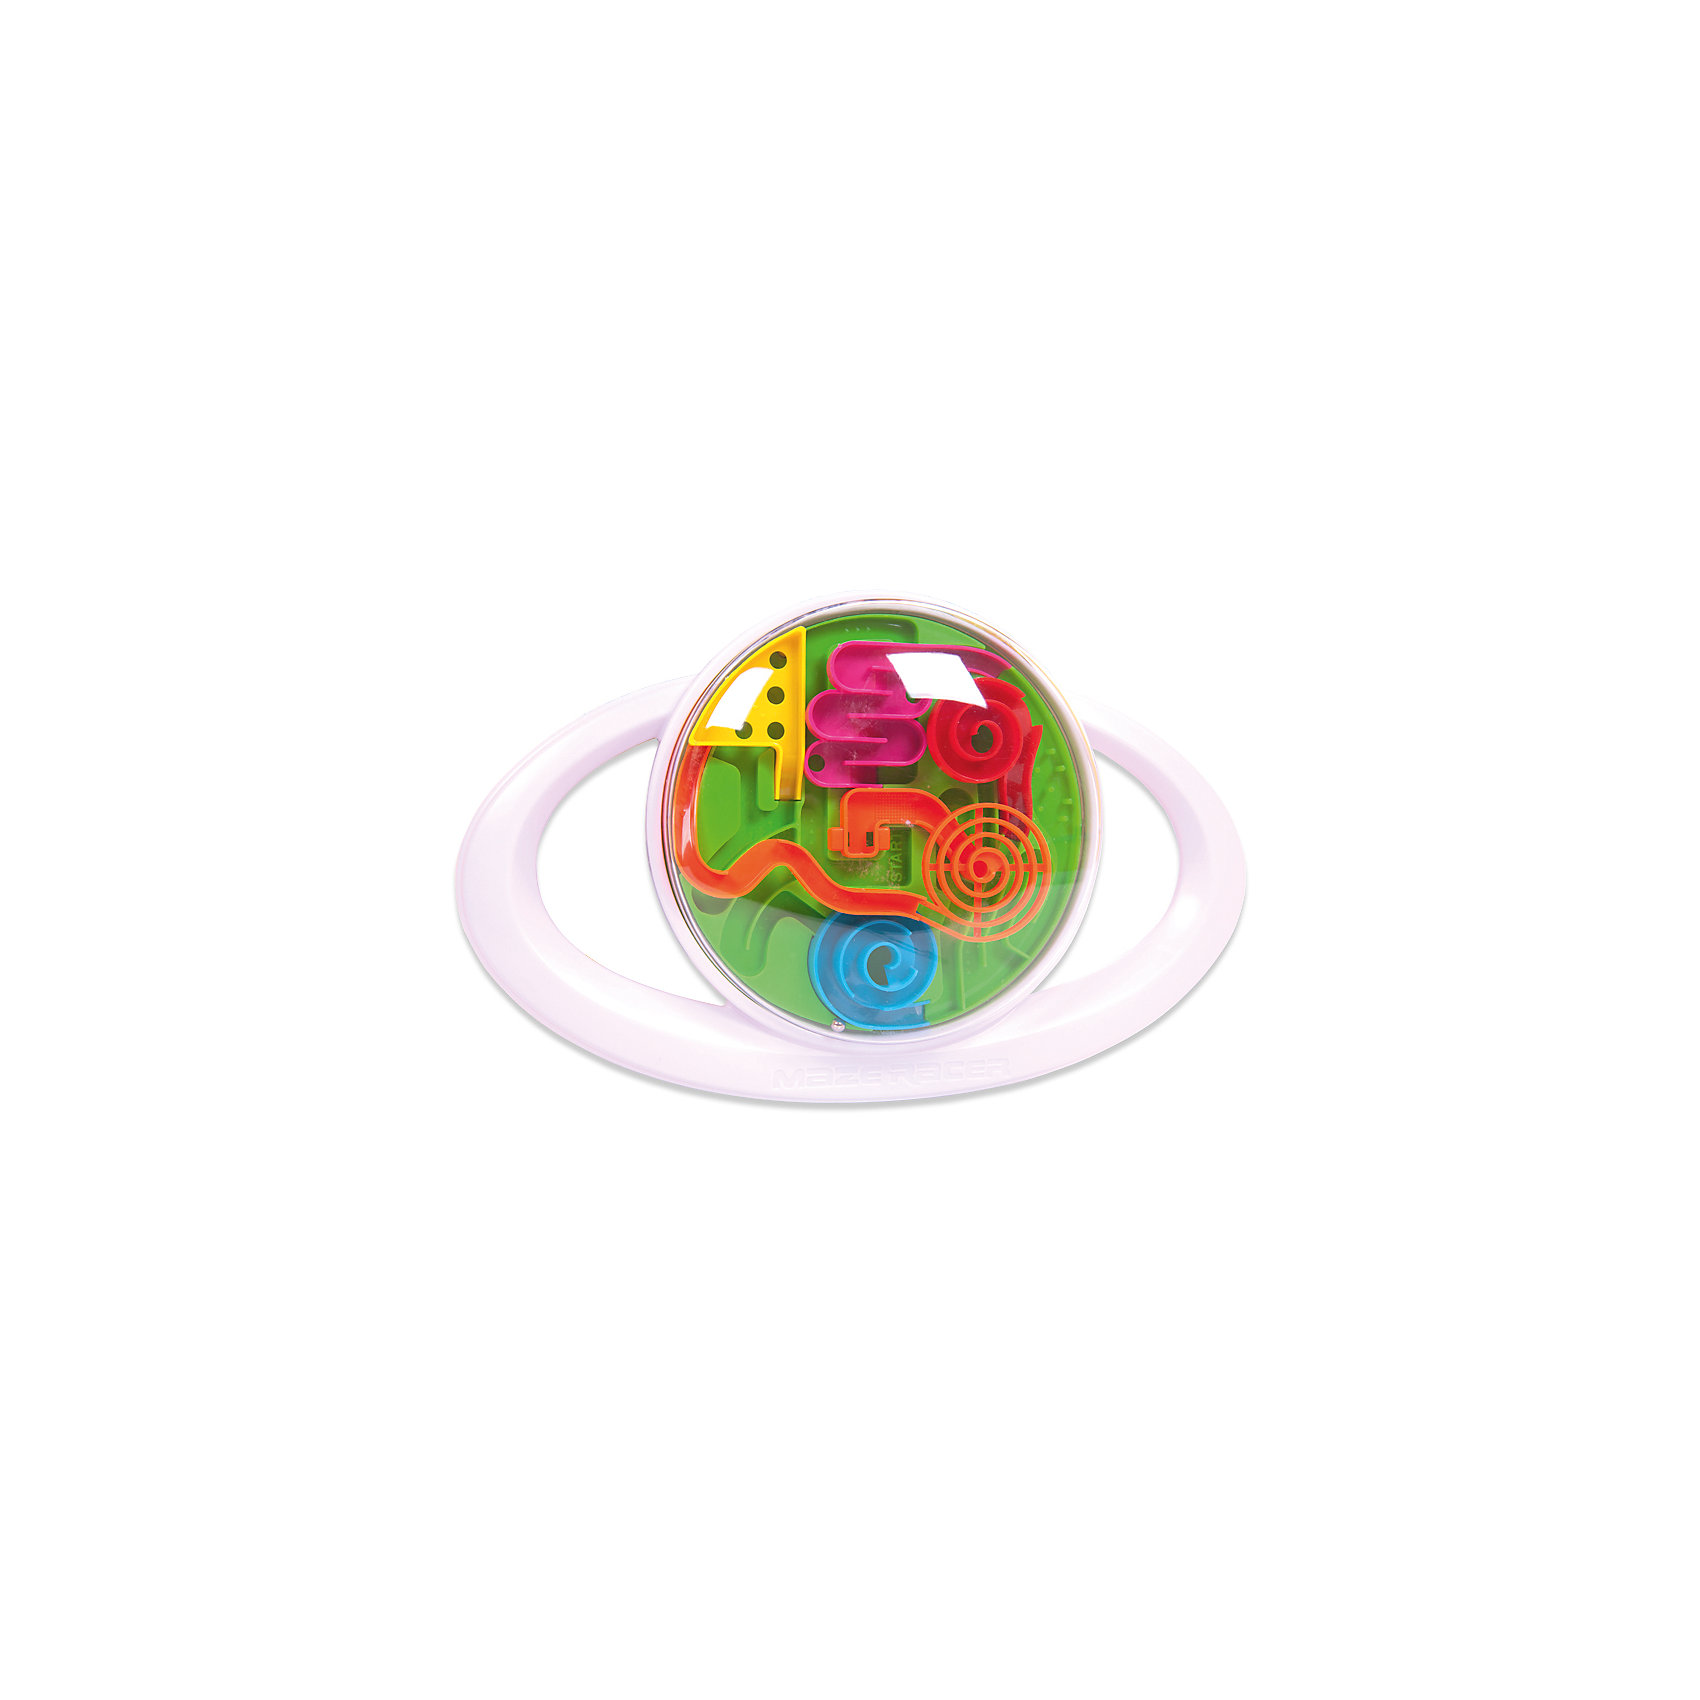 Шар интеллектуальный 3D в диске, 15 см, AbtoysИнтерактивные игрушки для малышей<br><br><br>Ширина мм: 265<br>Глубина мм: 205<br>Высота мм: 65<br>Вес г: 52<br>Возраст от месяцев: 72<br>Возраст до месяцев: 180<br>Пол: Унисекс<br>Возраст: Детский<br>SKU: 6835696